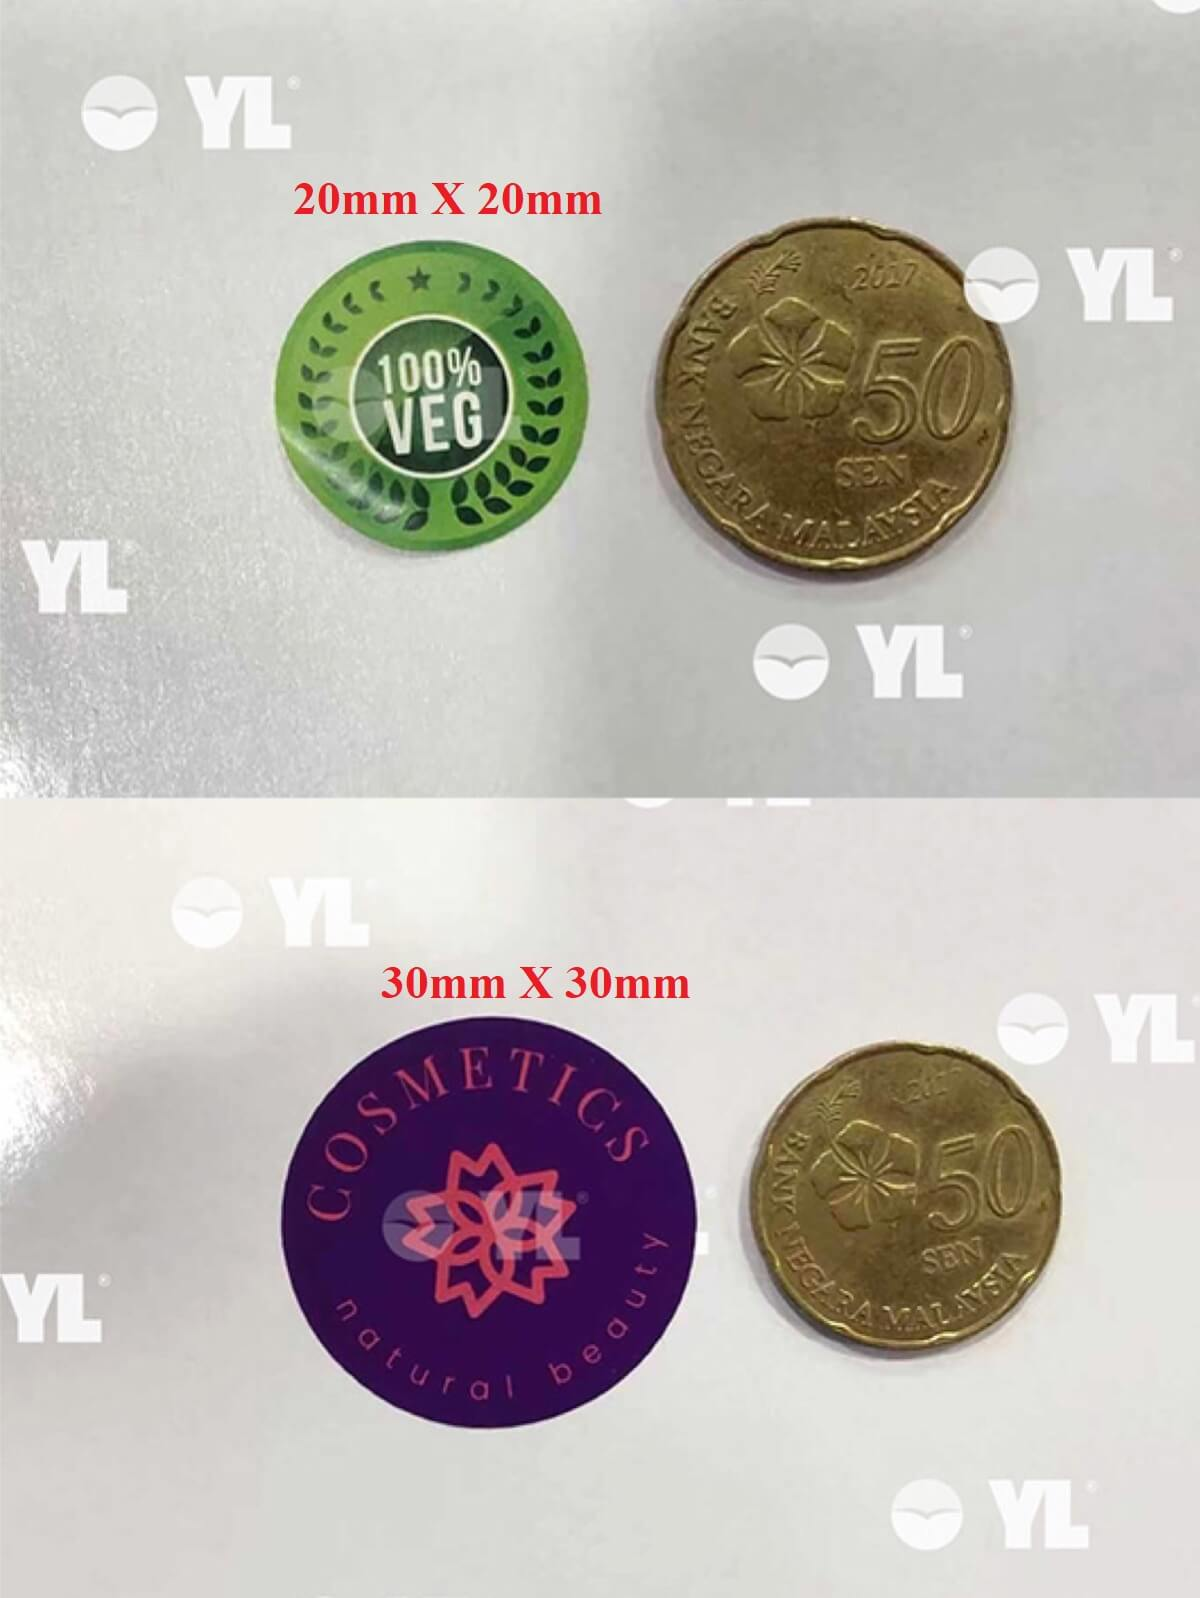 https://www.yl.com.my:449/admin/uploads/products/0acafafe-3ef1-491b-990c-99f6127153bd/20mm-30mm_3282.jpg